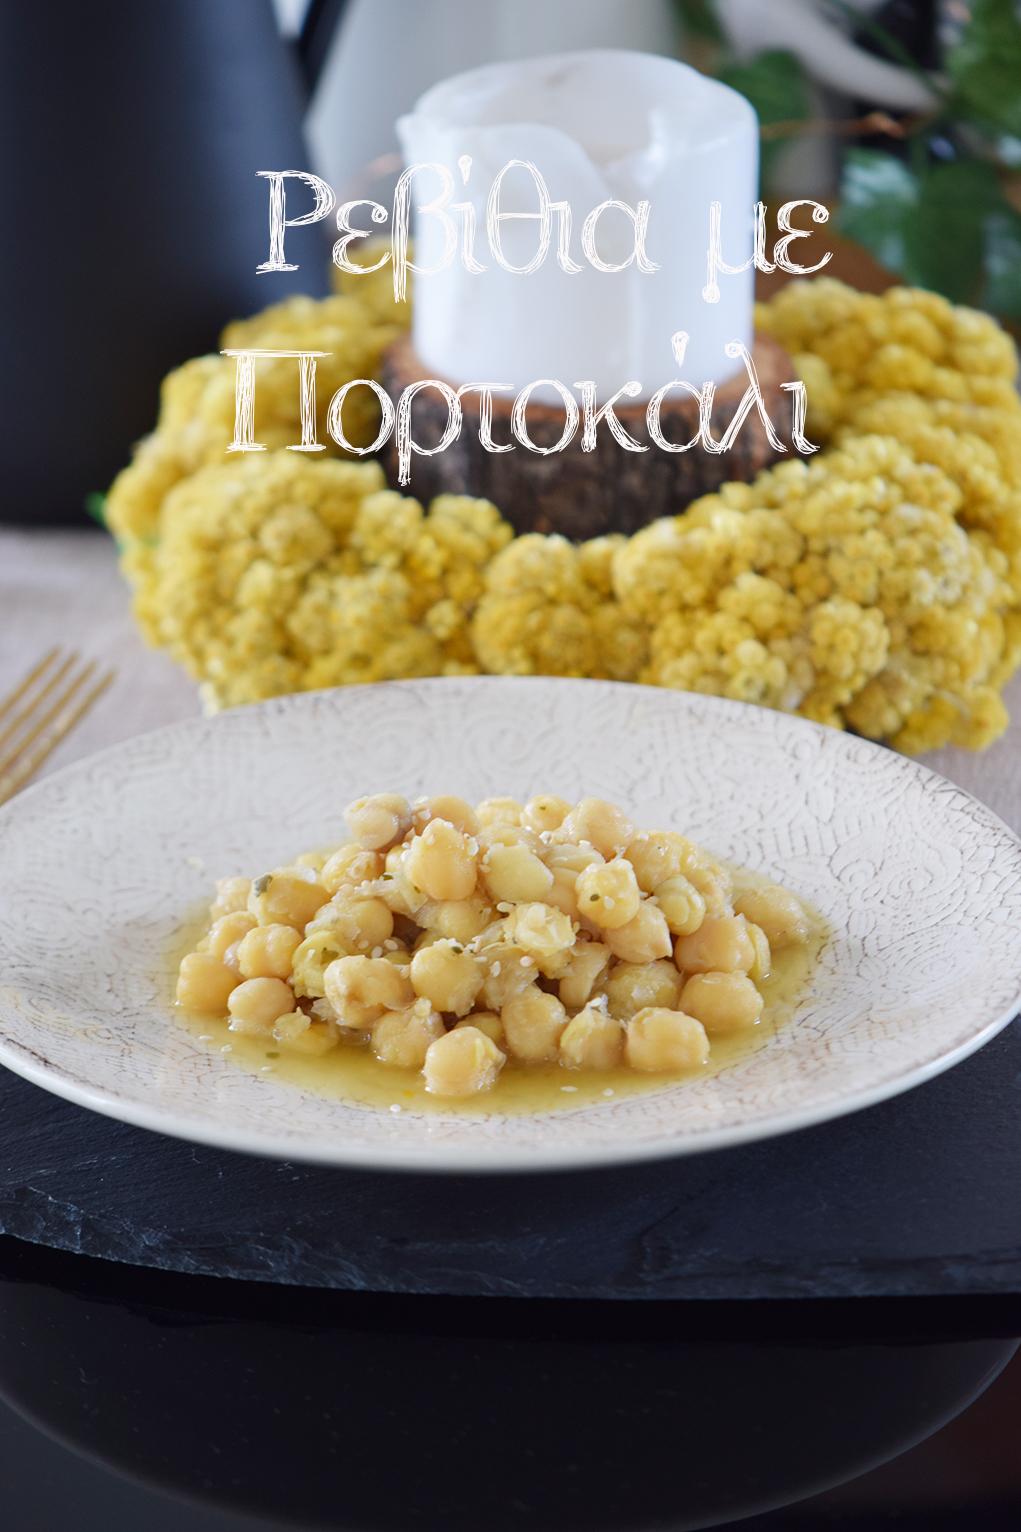 Ρεβίθια στην κατσαρόλα με πορτοκάλι